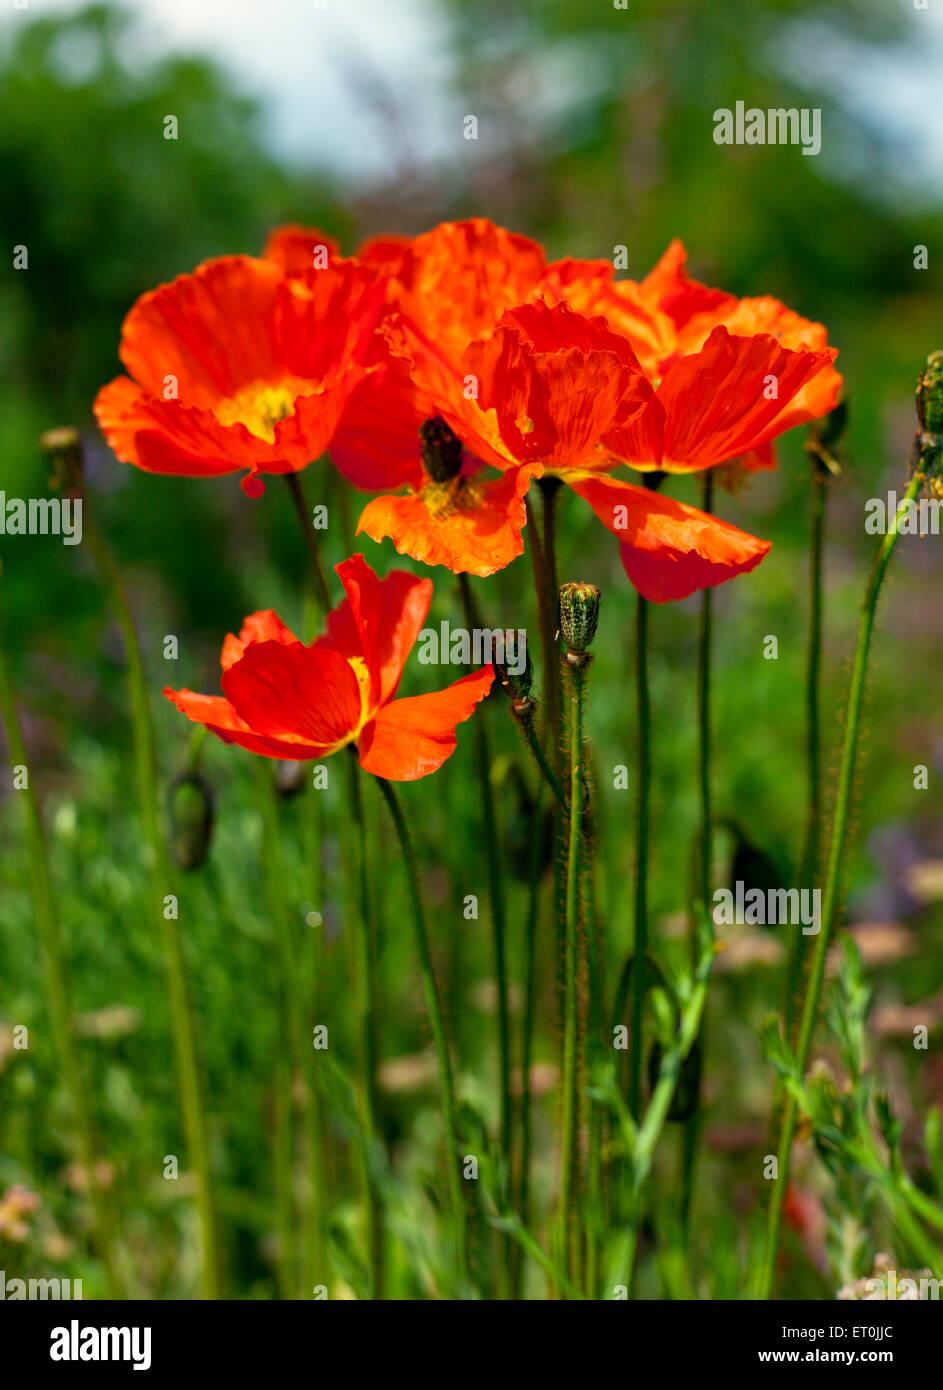 Iceland poppy stock photos iceland poppy stock images alamy iceland poppy flowers in a garden stock image mightylinksfo